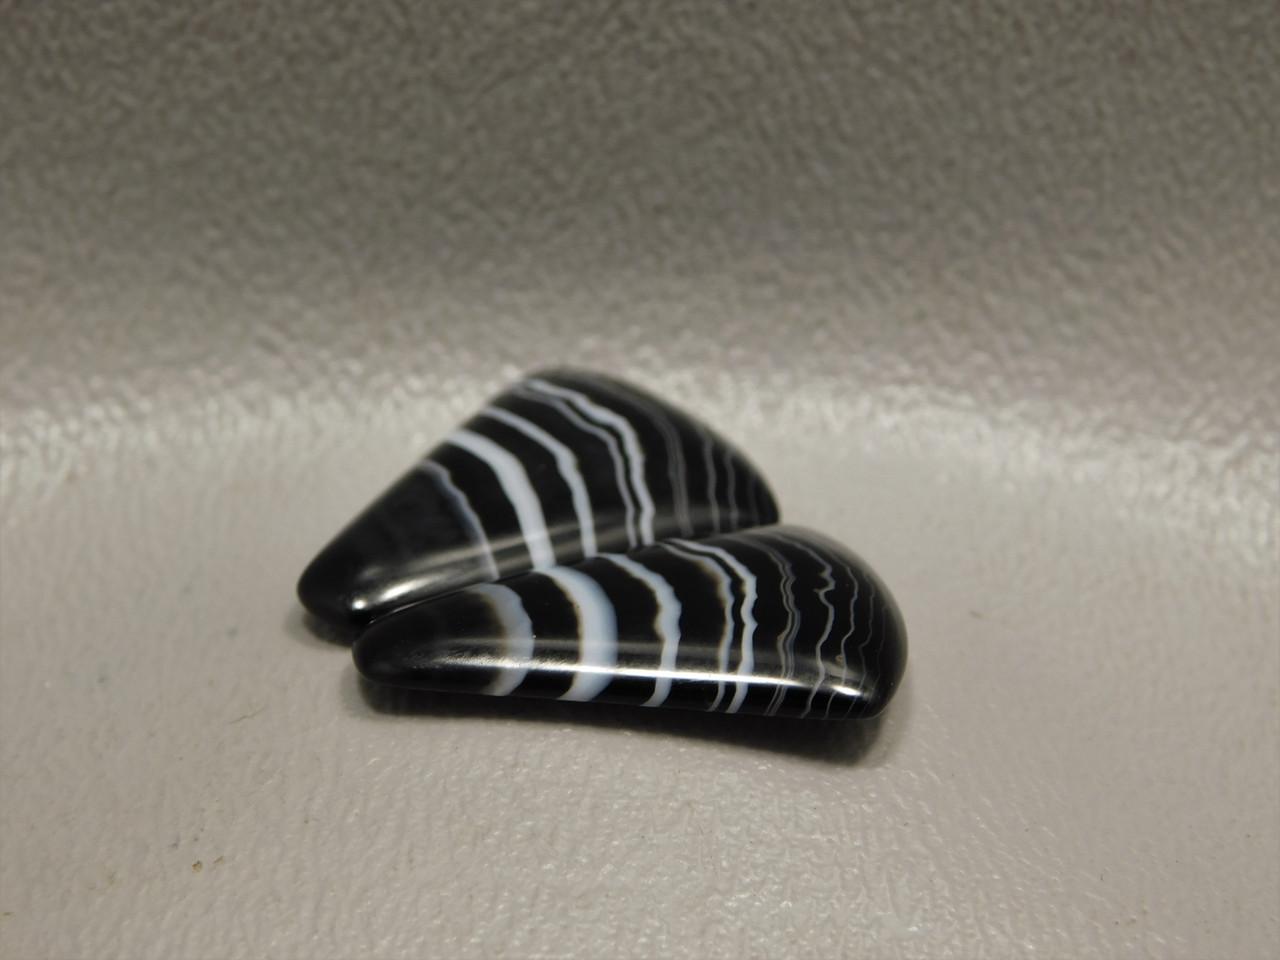 Tuxedo Agate Black and White Gemstone Cabochon #13